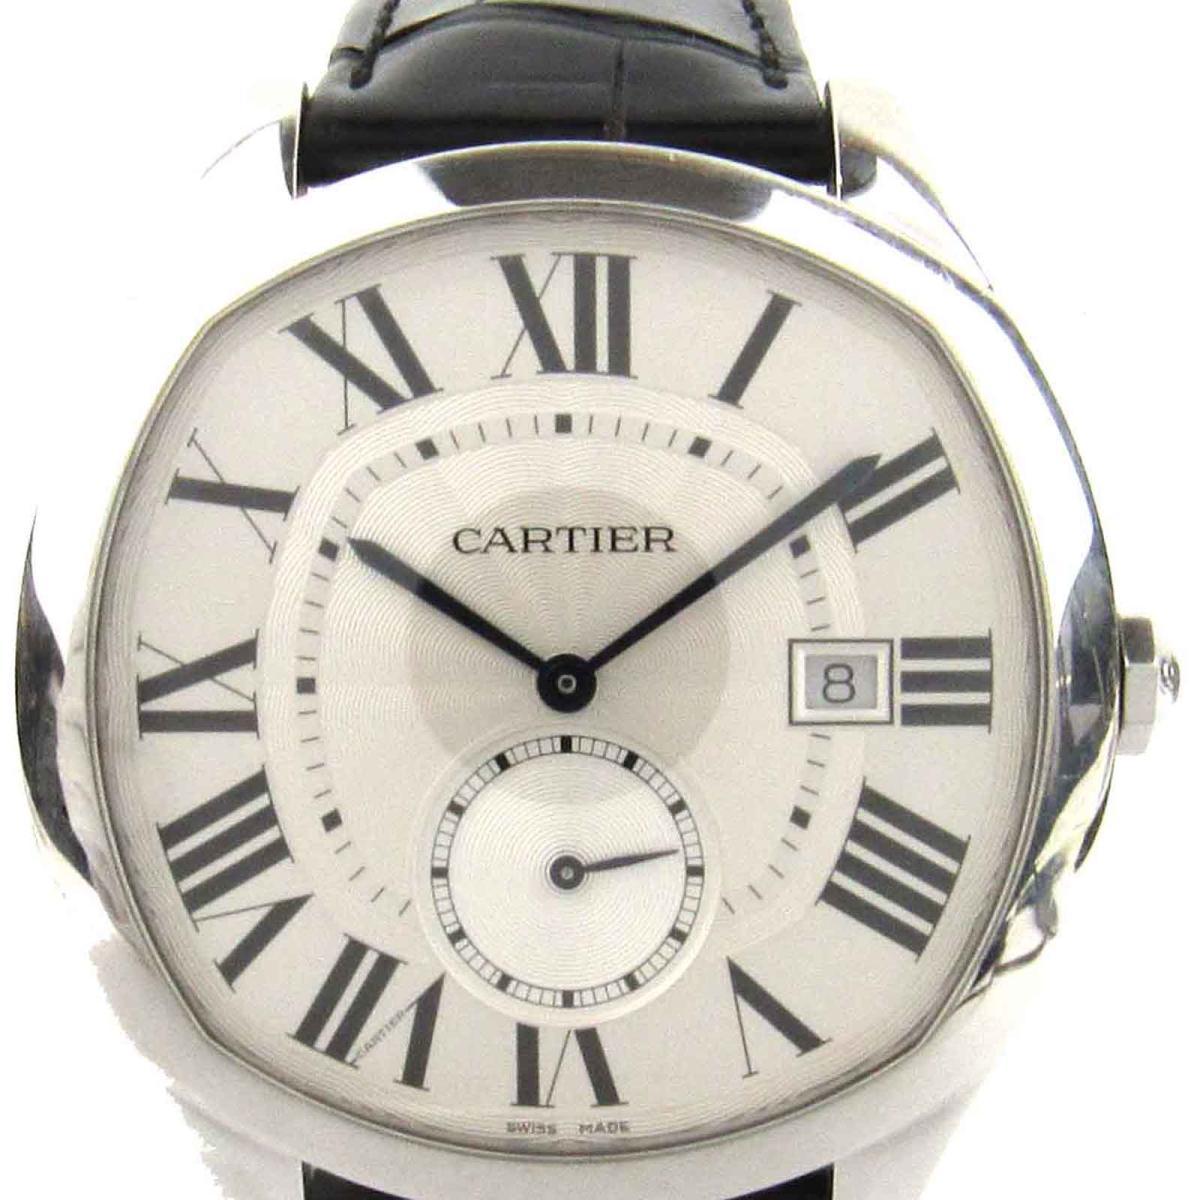 【中古】 カルティエ ドライブドゥカルティエ 裏スケルトン ウォッチ 腕時計 メンズ ステンレススチール (SS) x クロコレアーベルト (WSNM0004) | Cartier ドライブドゥカルティエ 裏スケ 美品 ブランドオフ